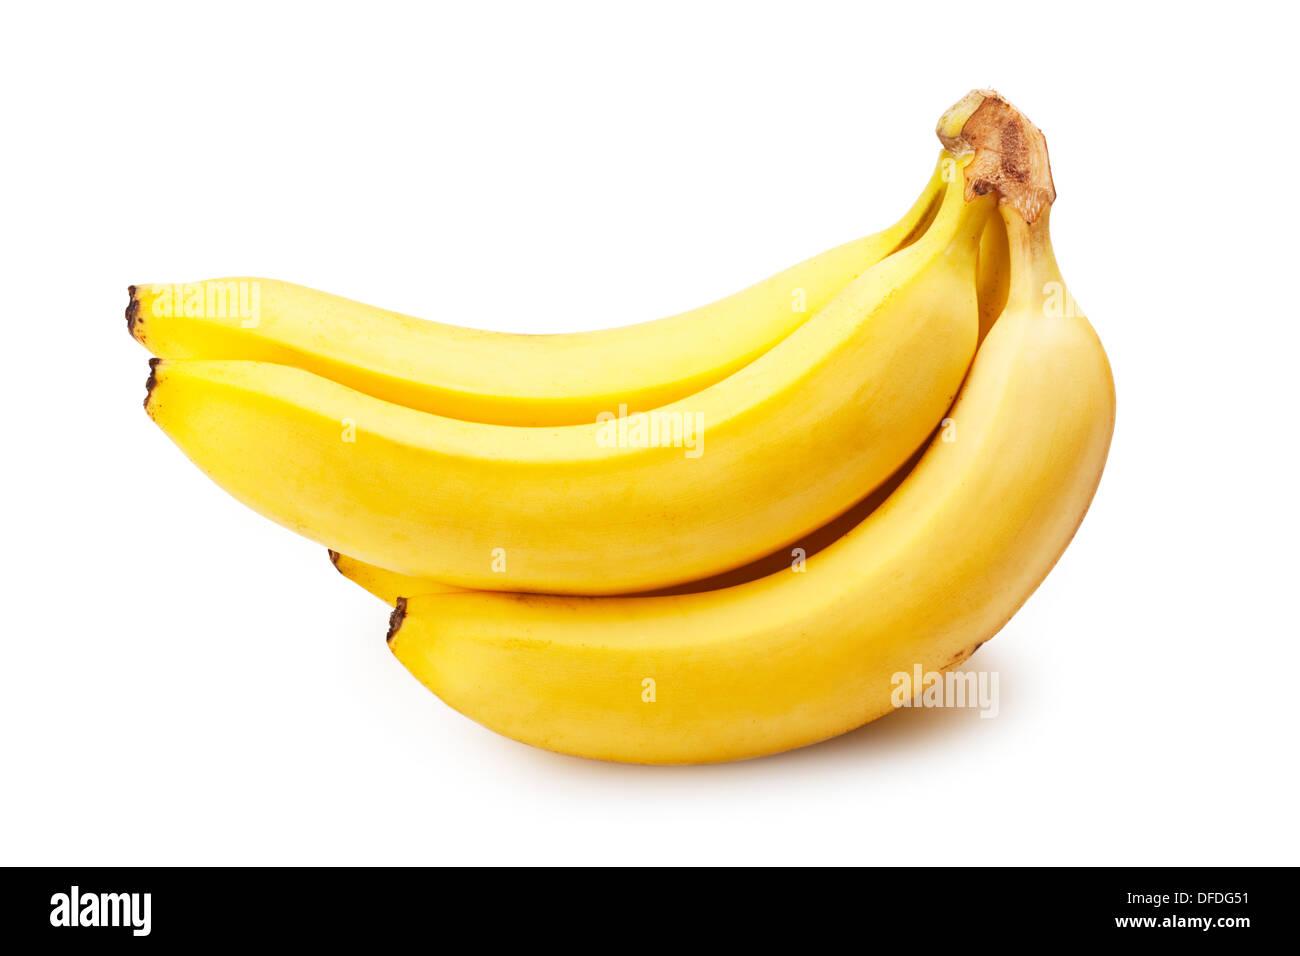 Bündel Bananen isoliert auf weißem Hintergrund Stockbild